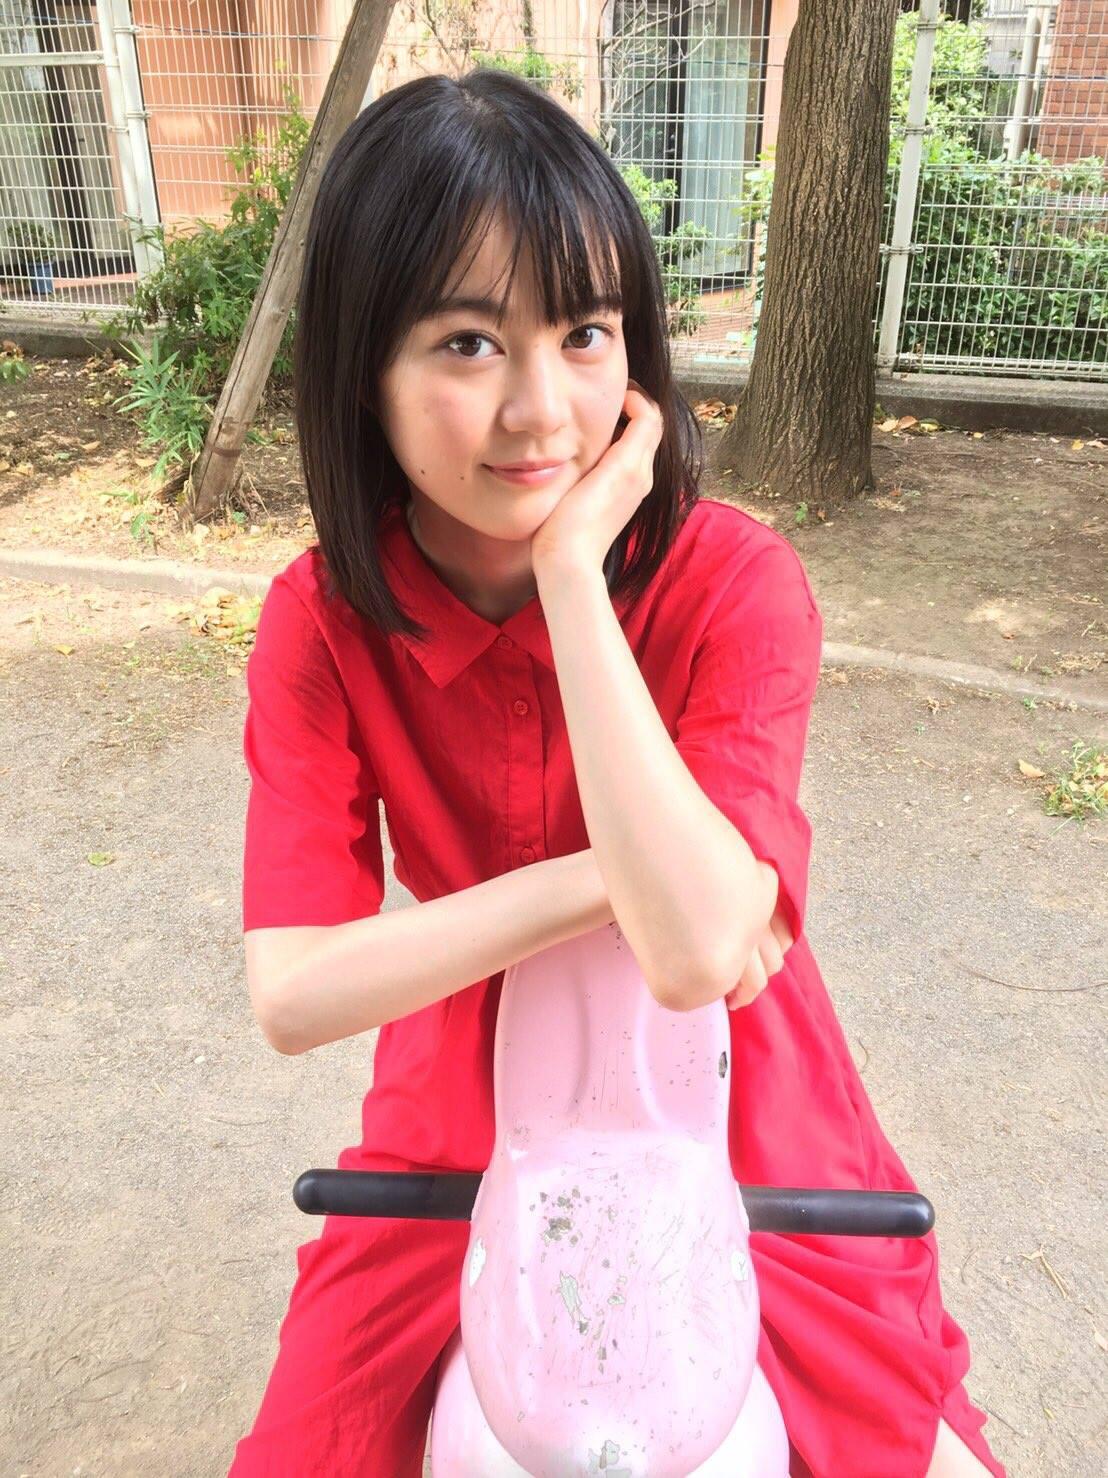 Ikuta Erika 生田絵梨花, BRODY 2017.09 (ブロディ 2017年9月号)